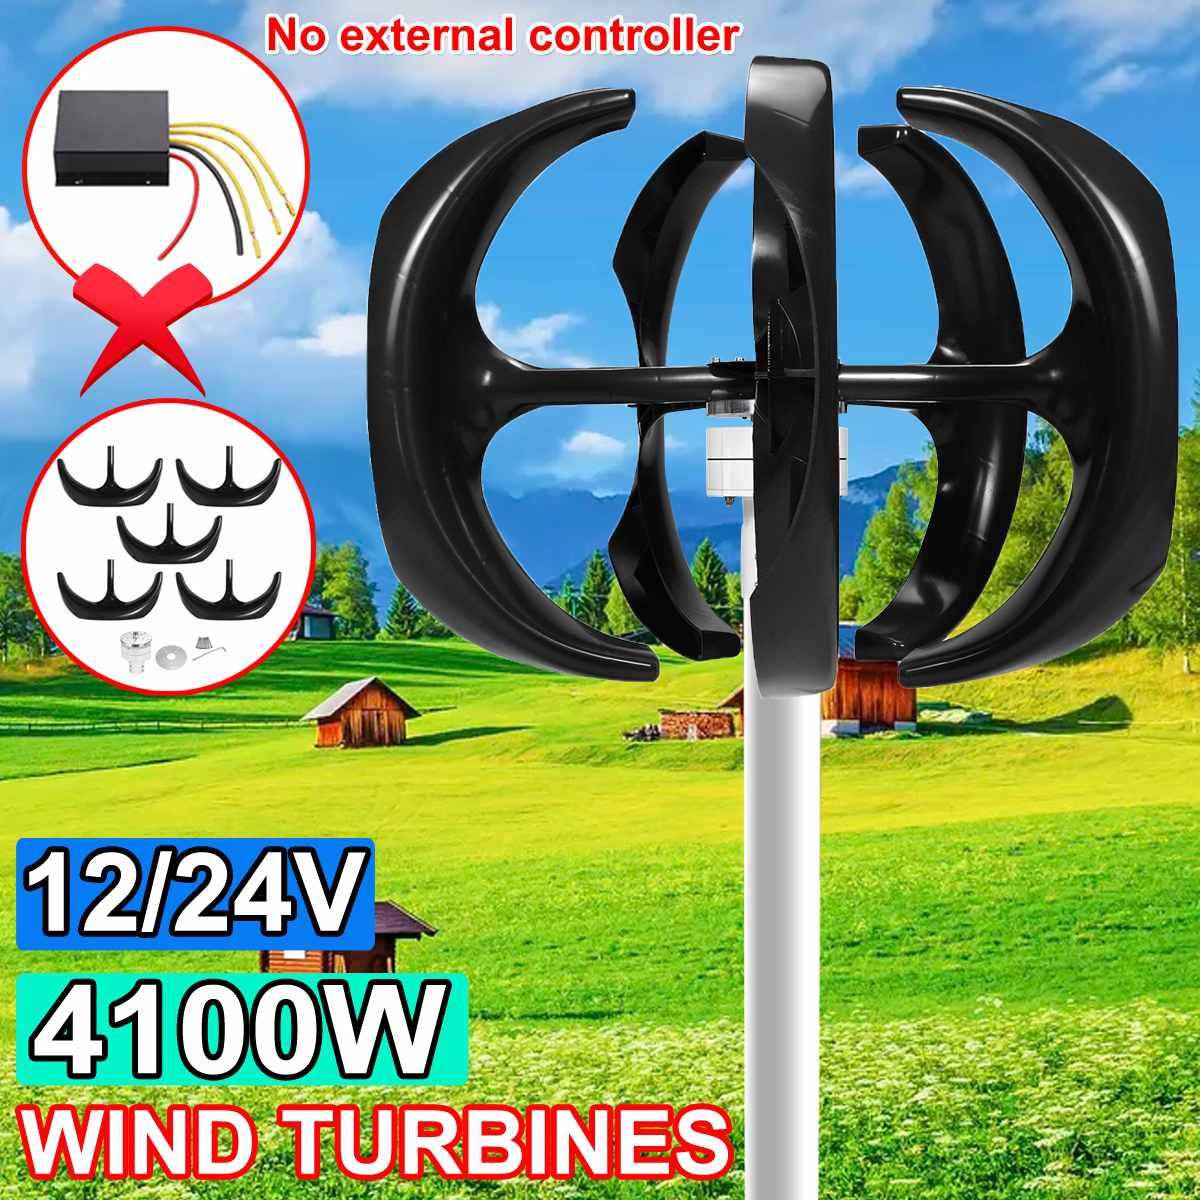 4100w 12v 24v eixo vertical turbinas eolicas gerador lanterna 5 laminas motor kit turbinas de carga